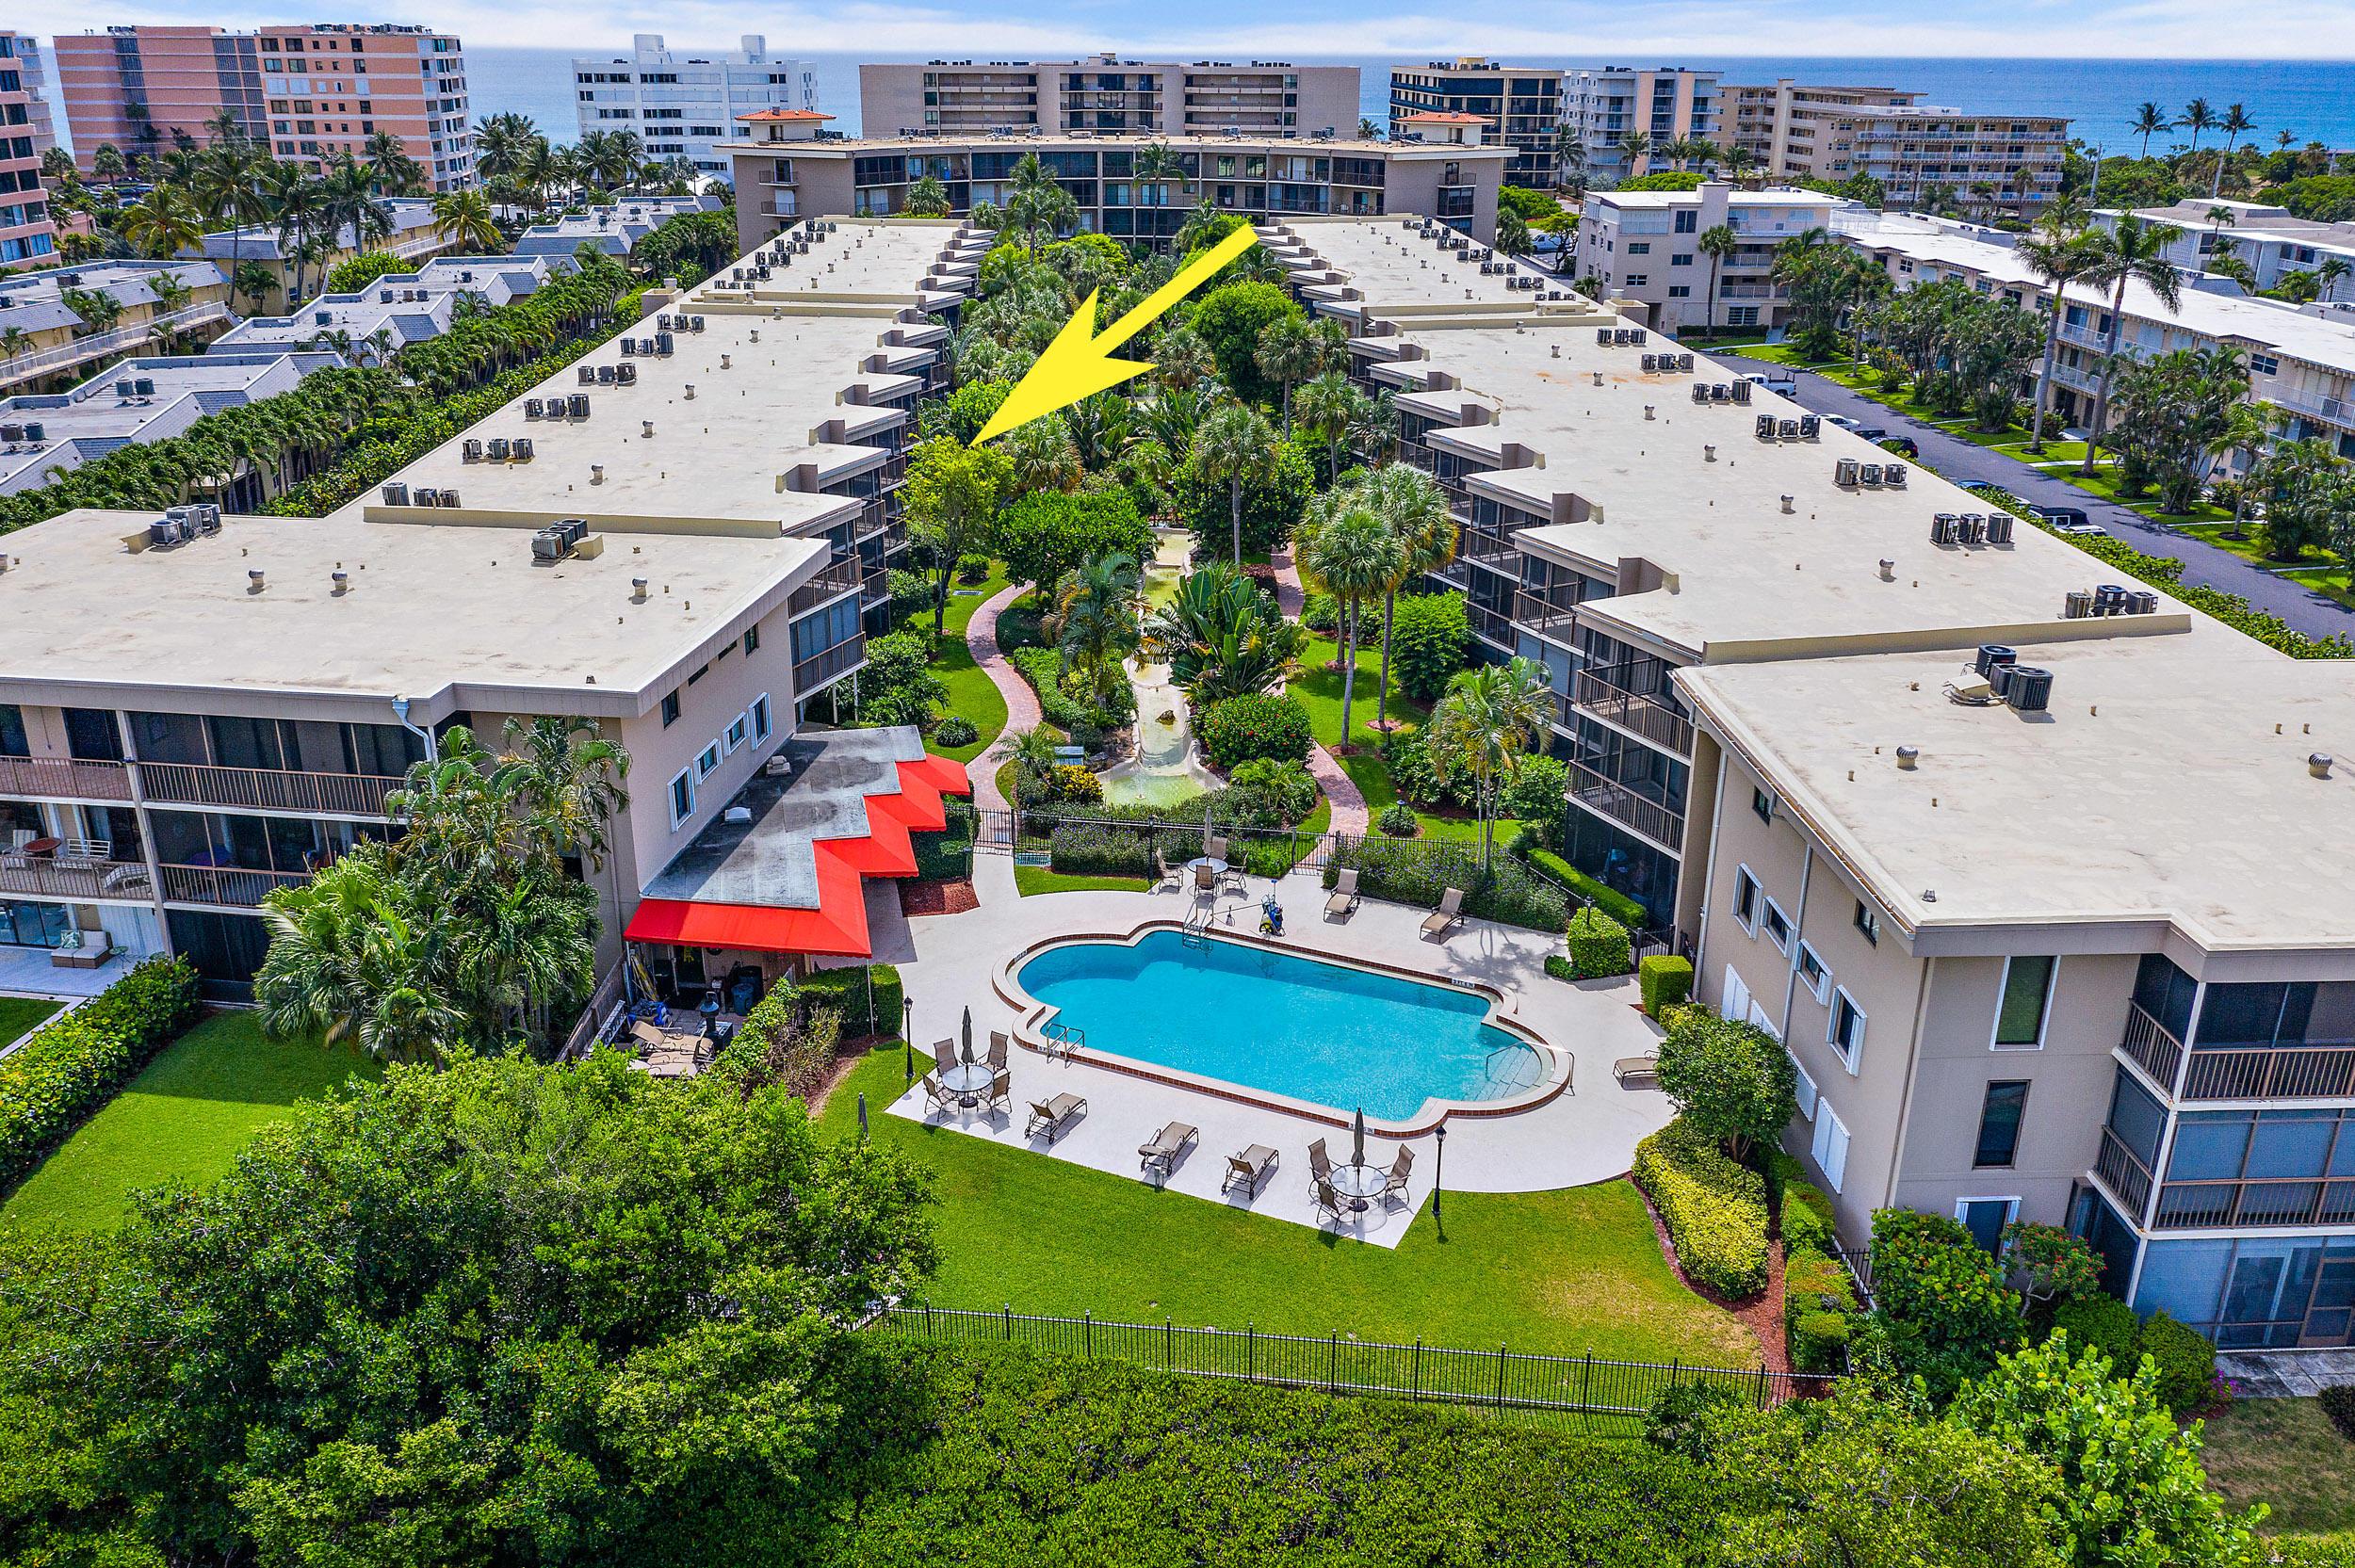 3605 S Ocean Boulevard #108b - 33480 - FL - South Palm Beach